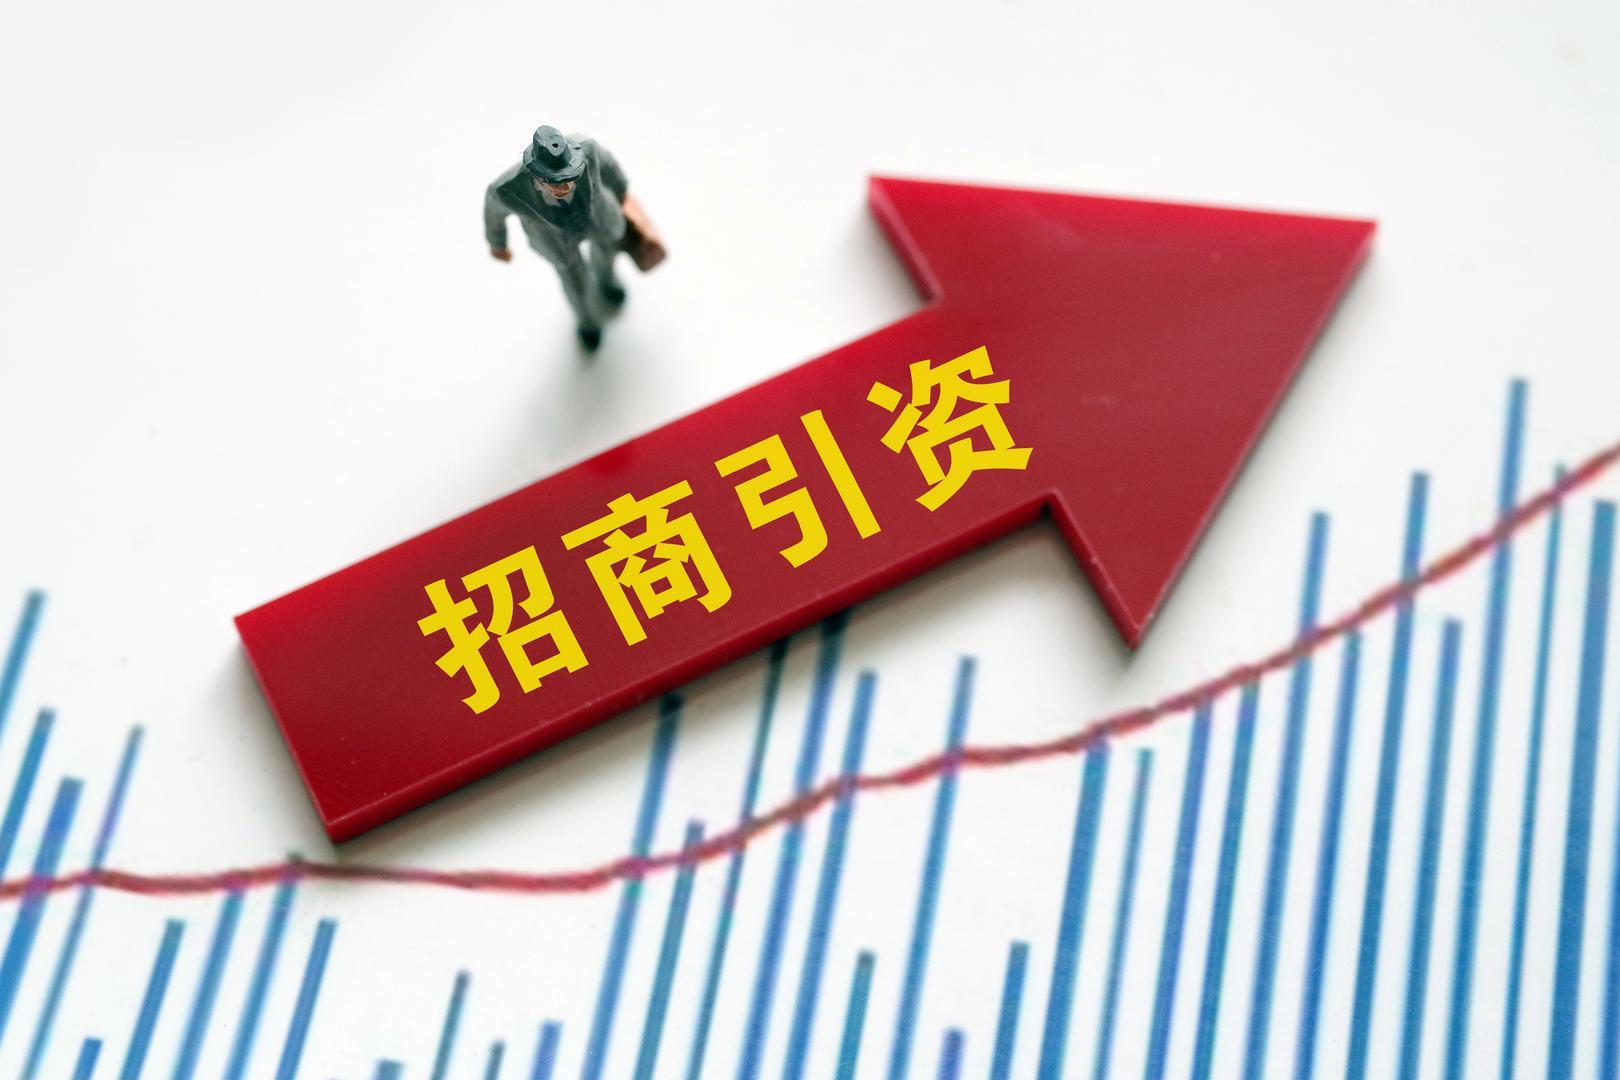 江苏省委副书记、原南京市委书记张敬华的招商引资方法论